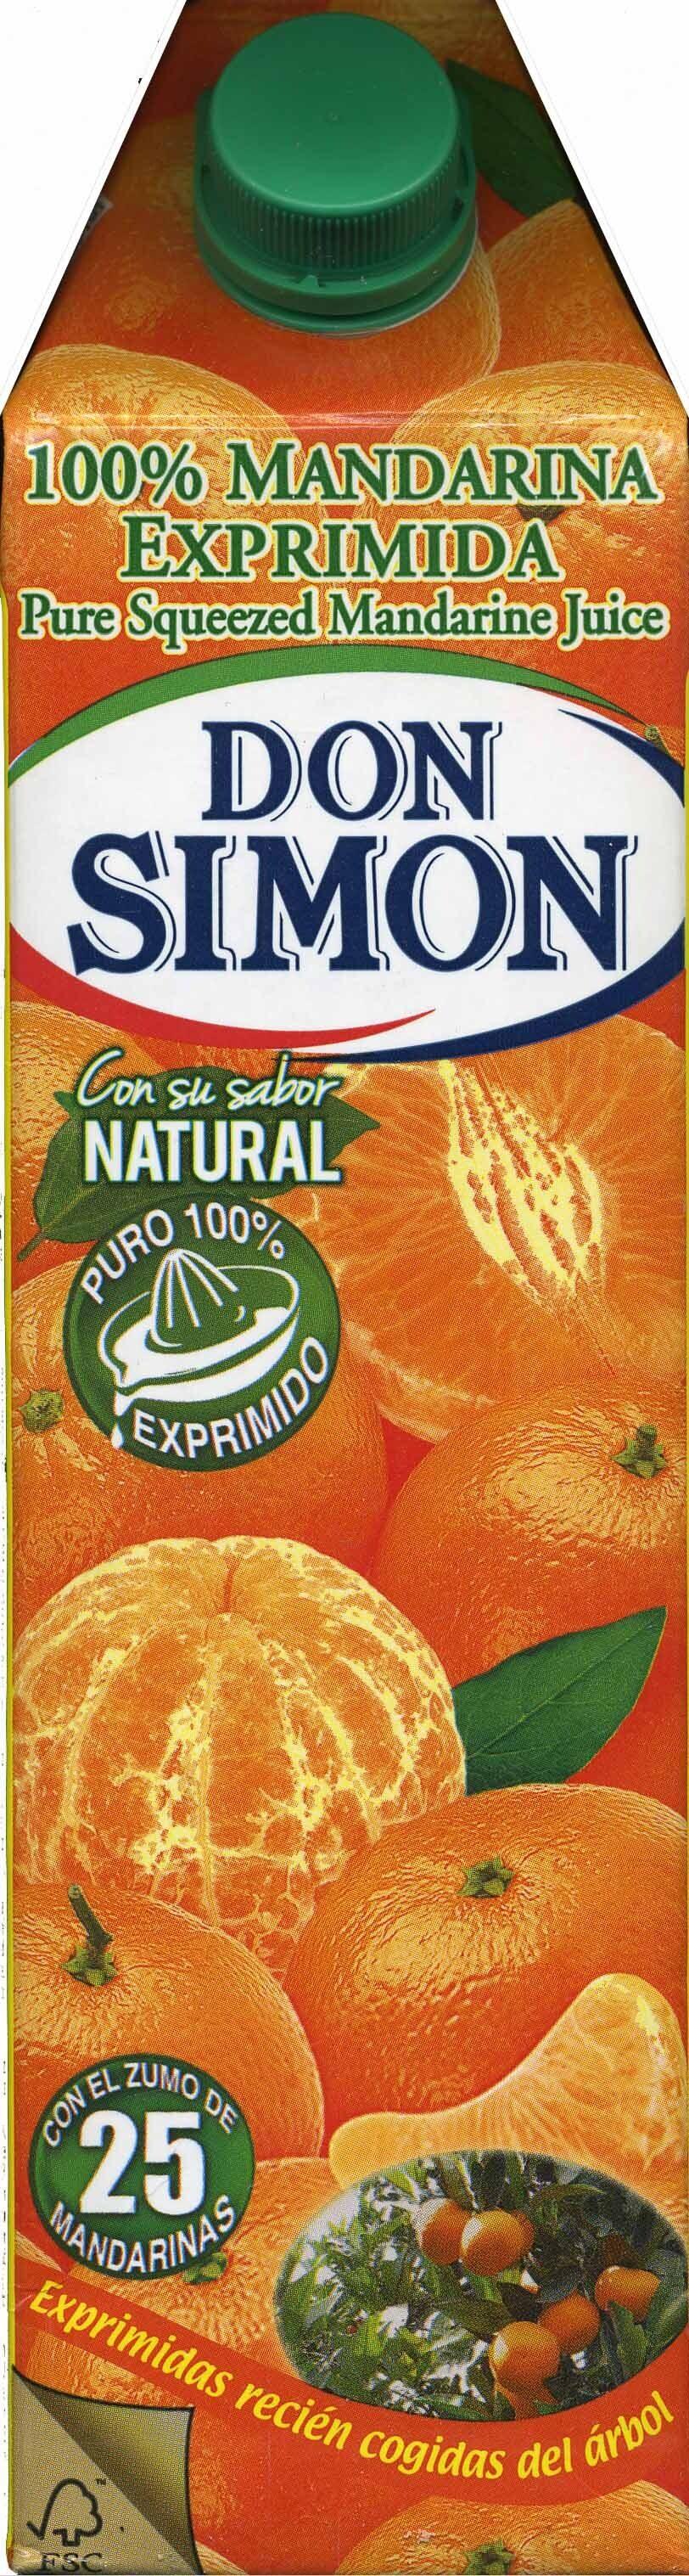 Zumo de mandarina exprimida - Producto